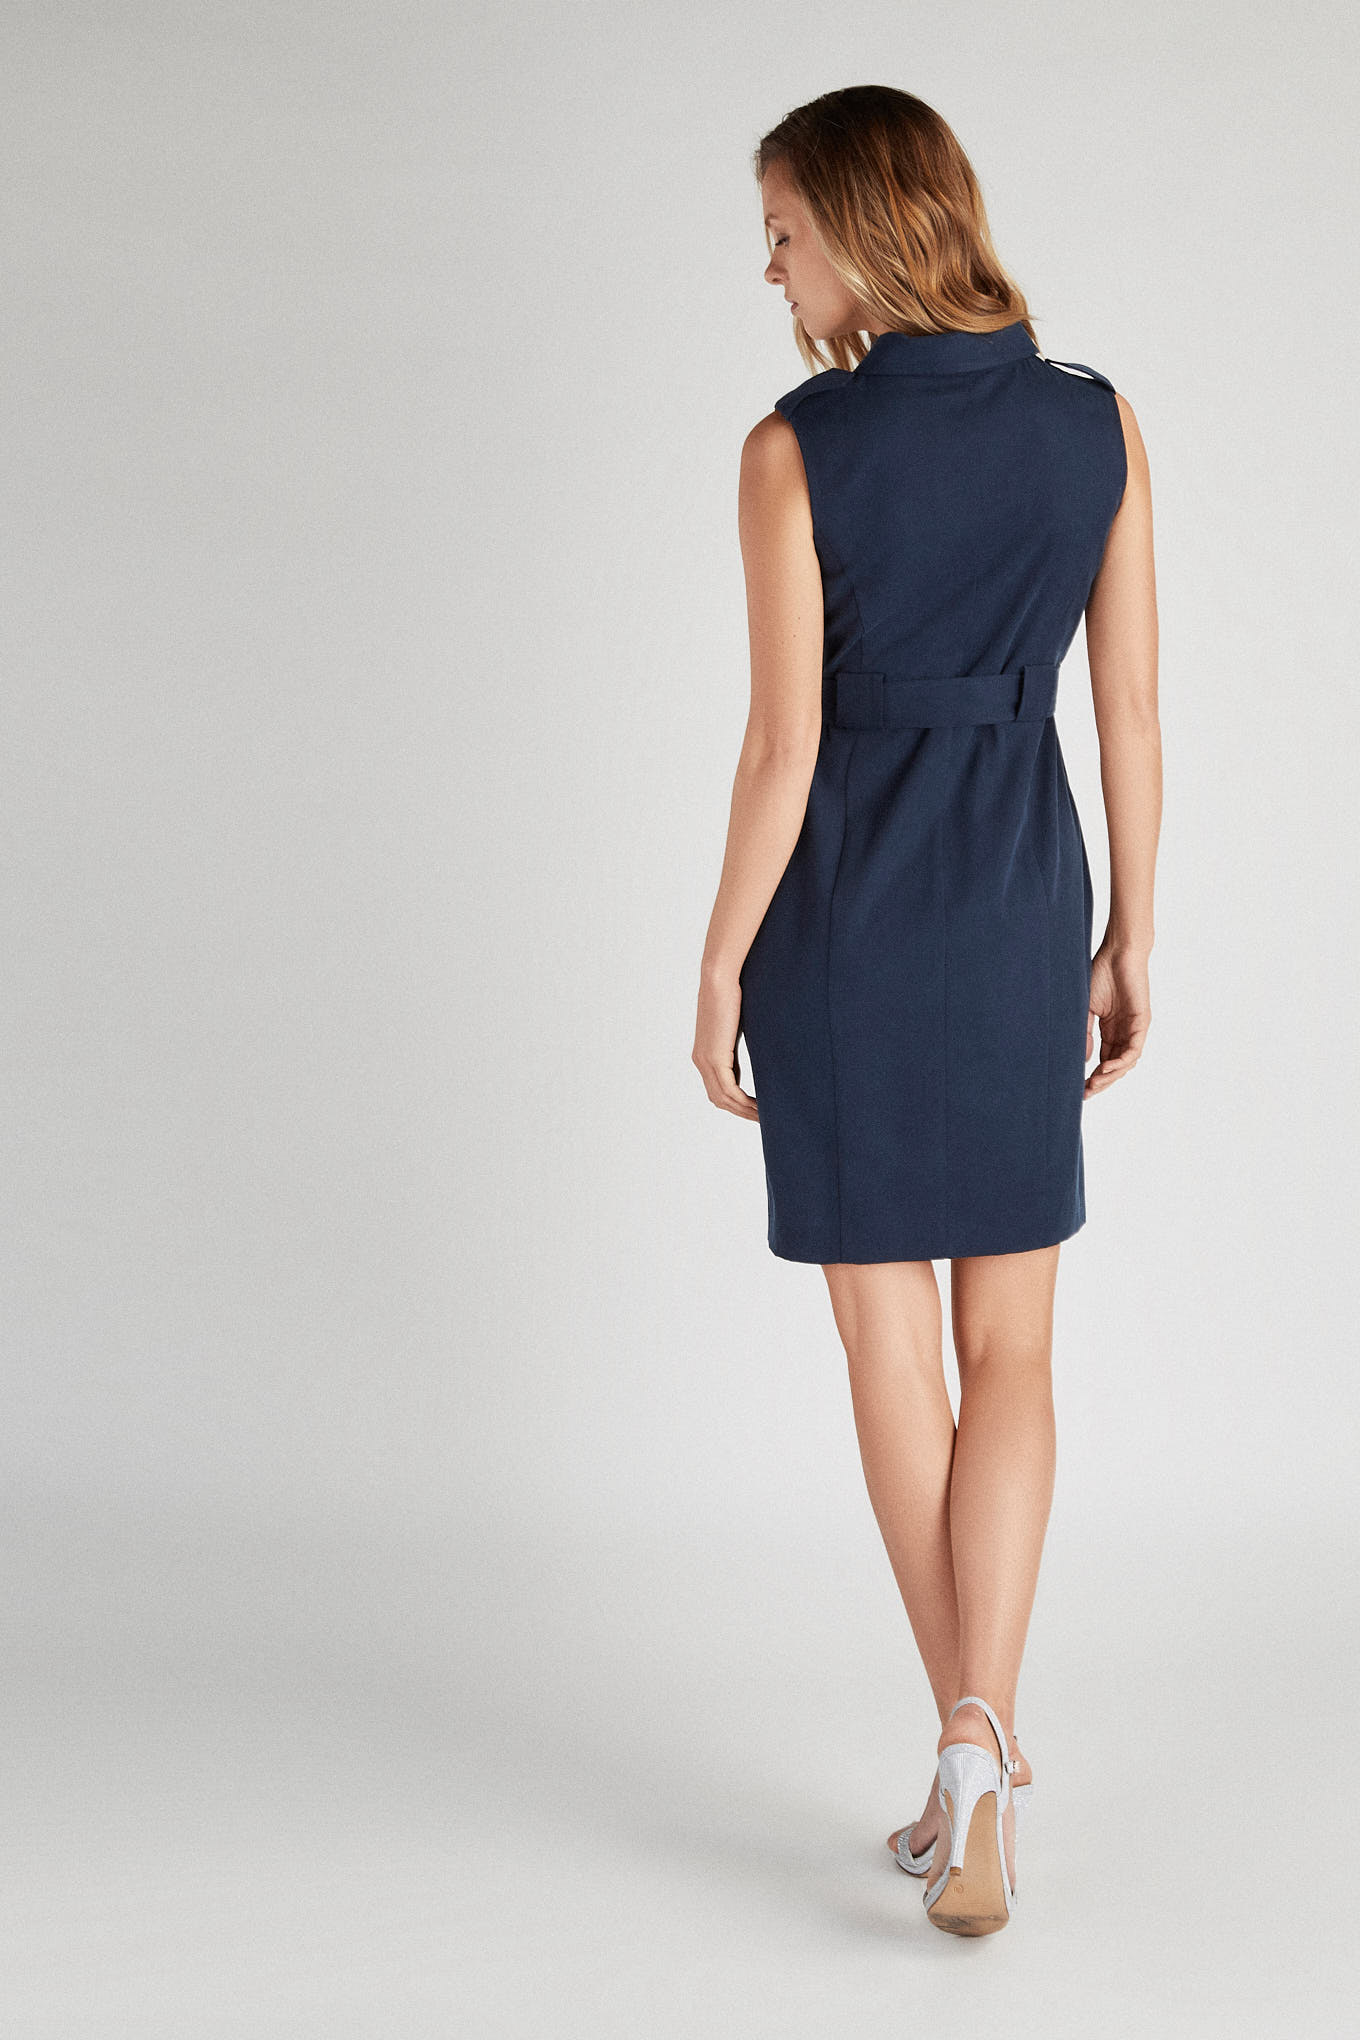 Vestido Azul Escuro Classic Mulher